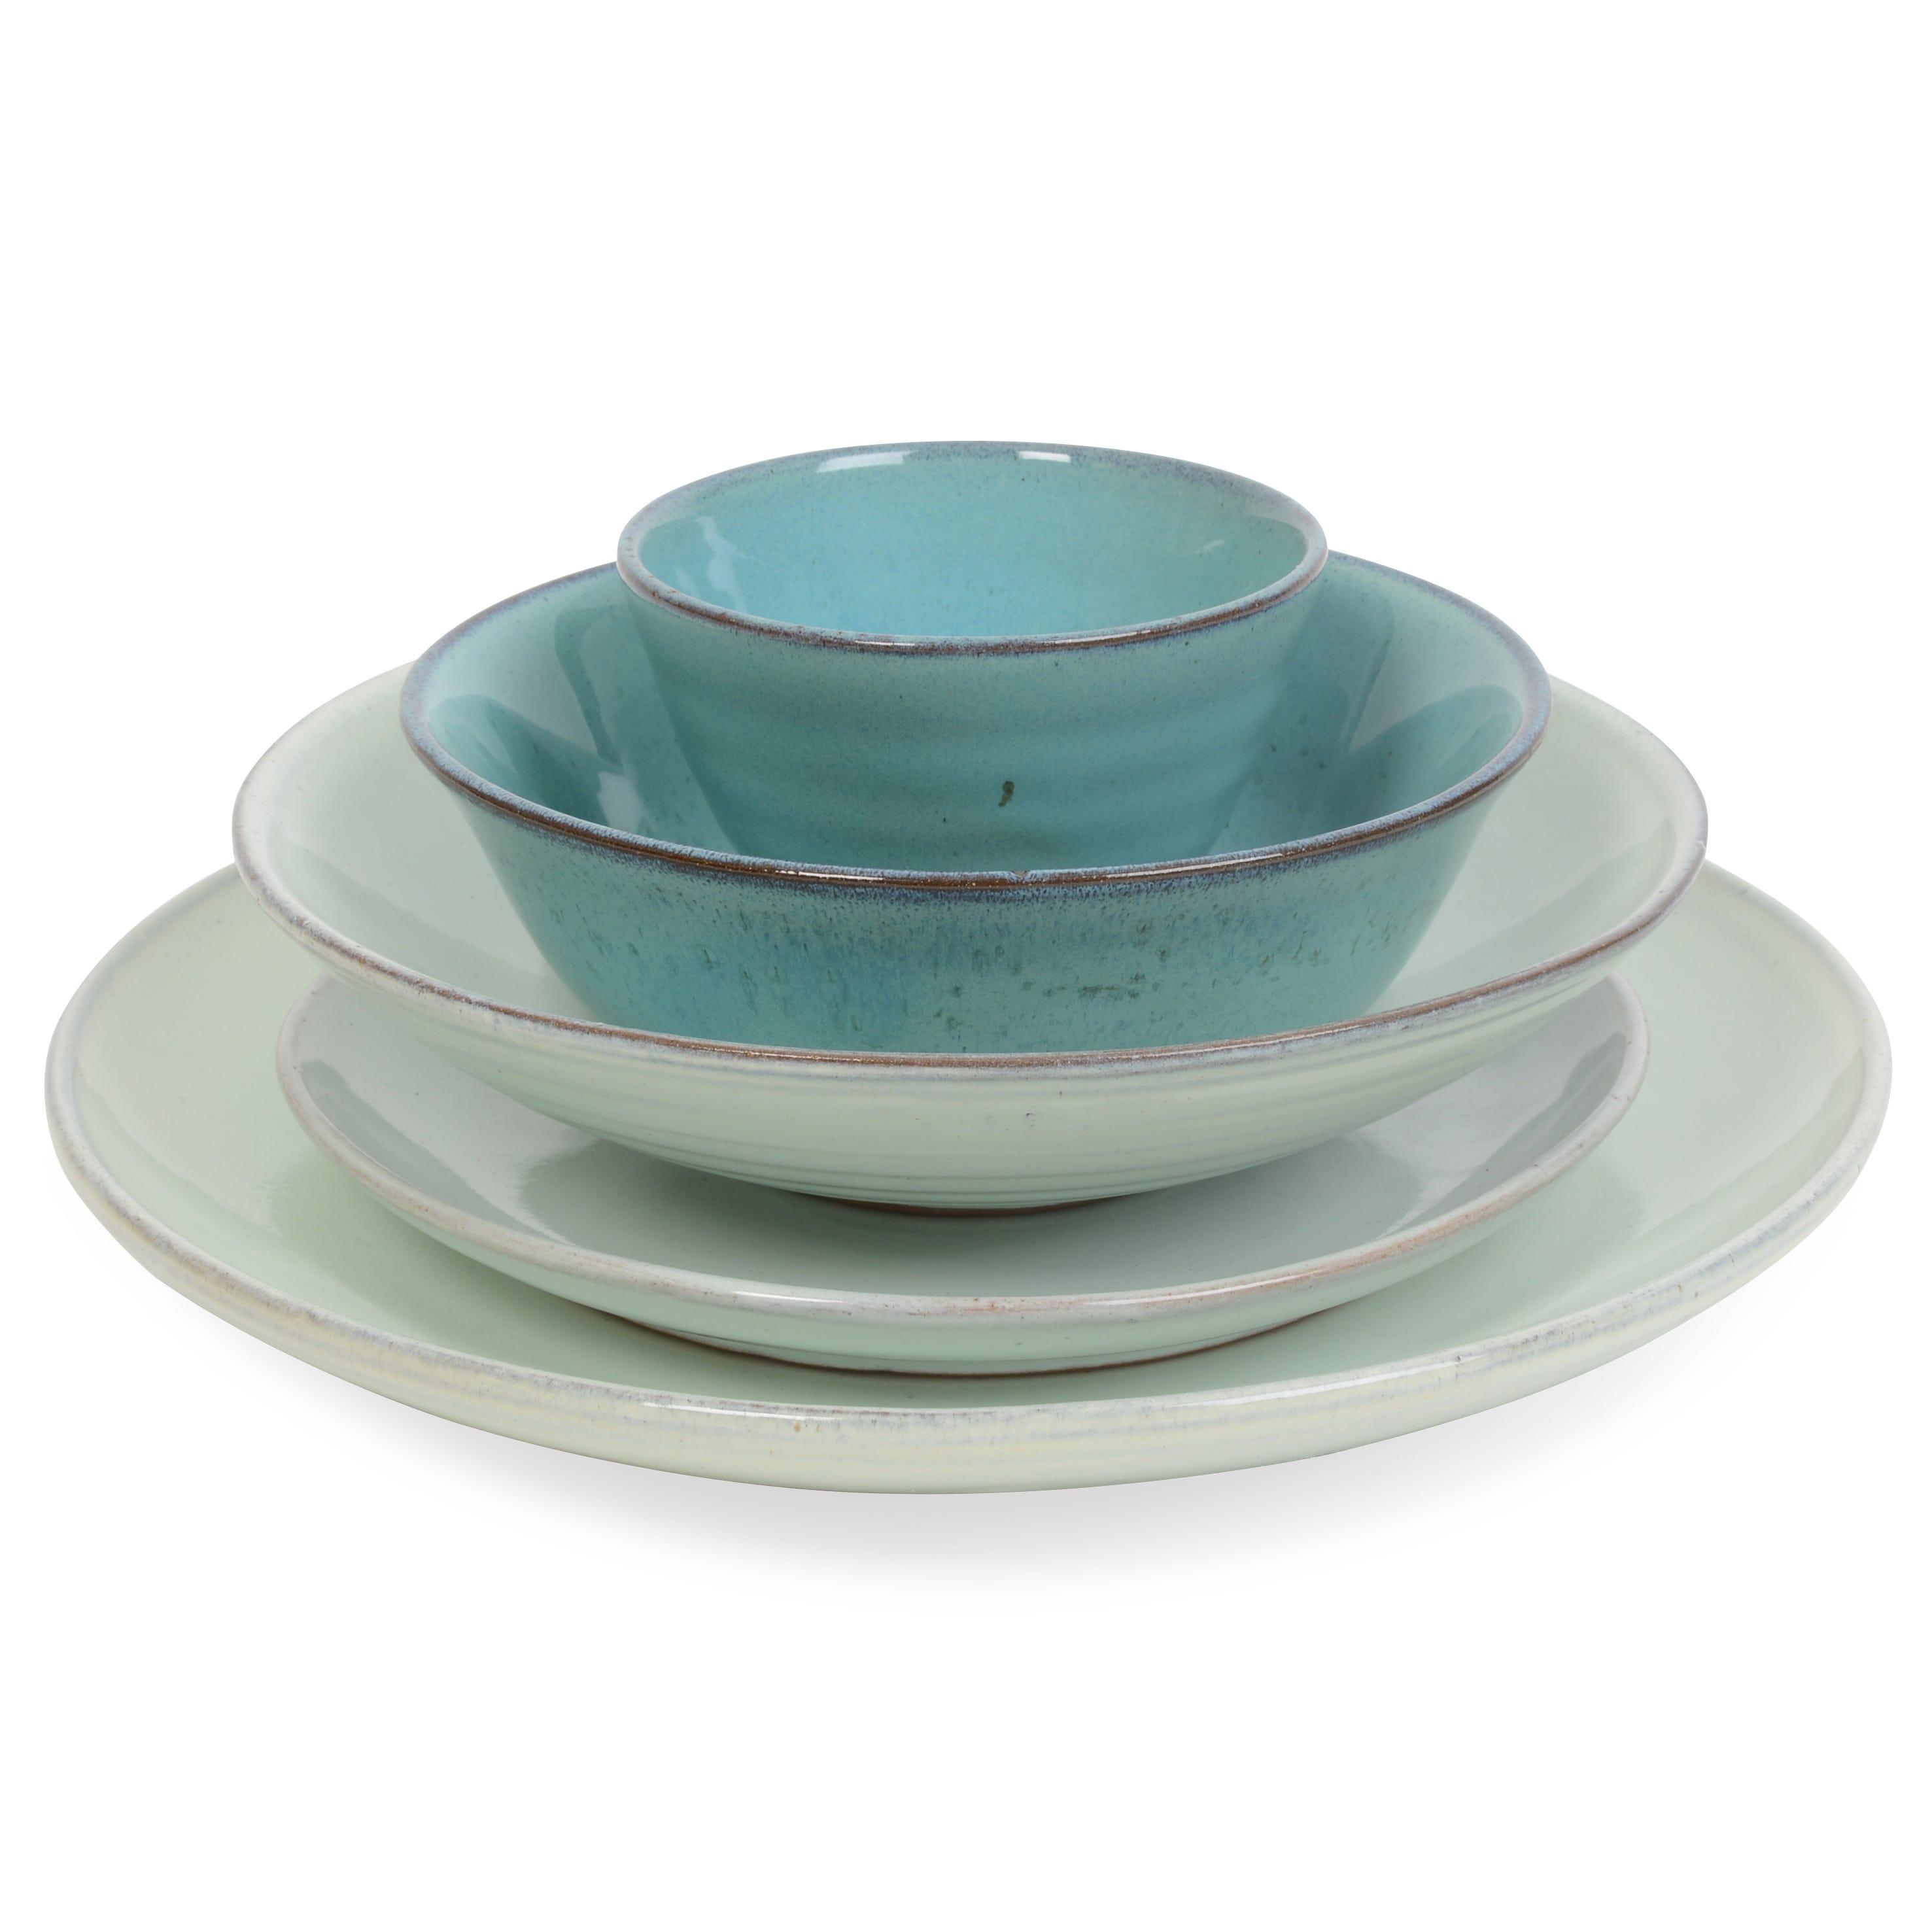 Serax Celadon Bowls